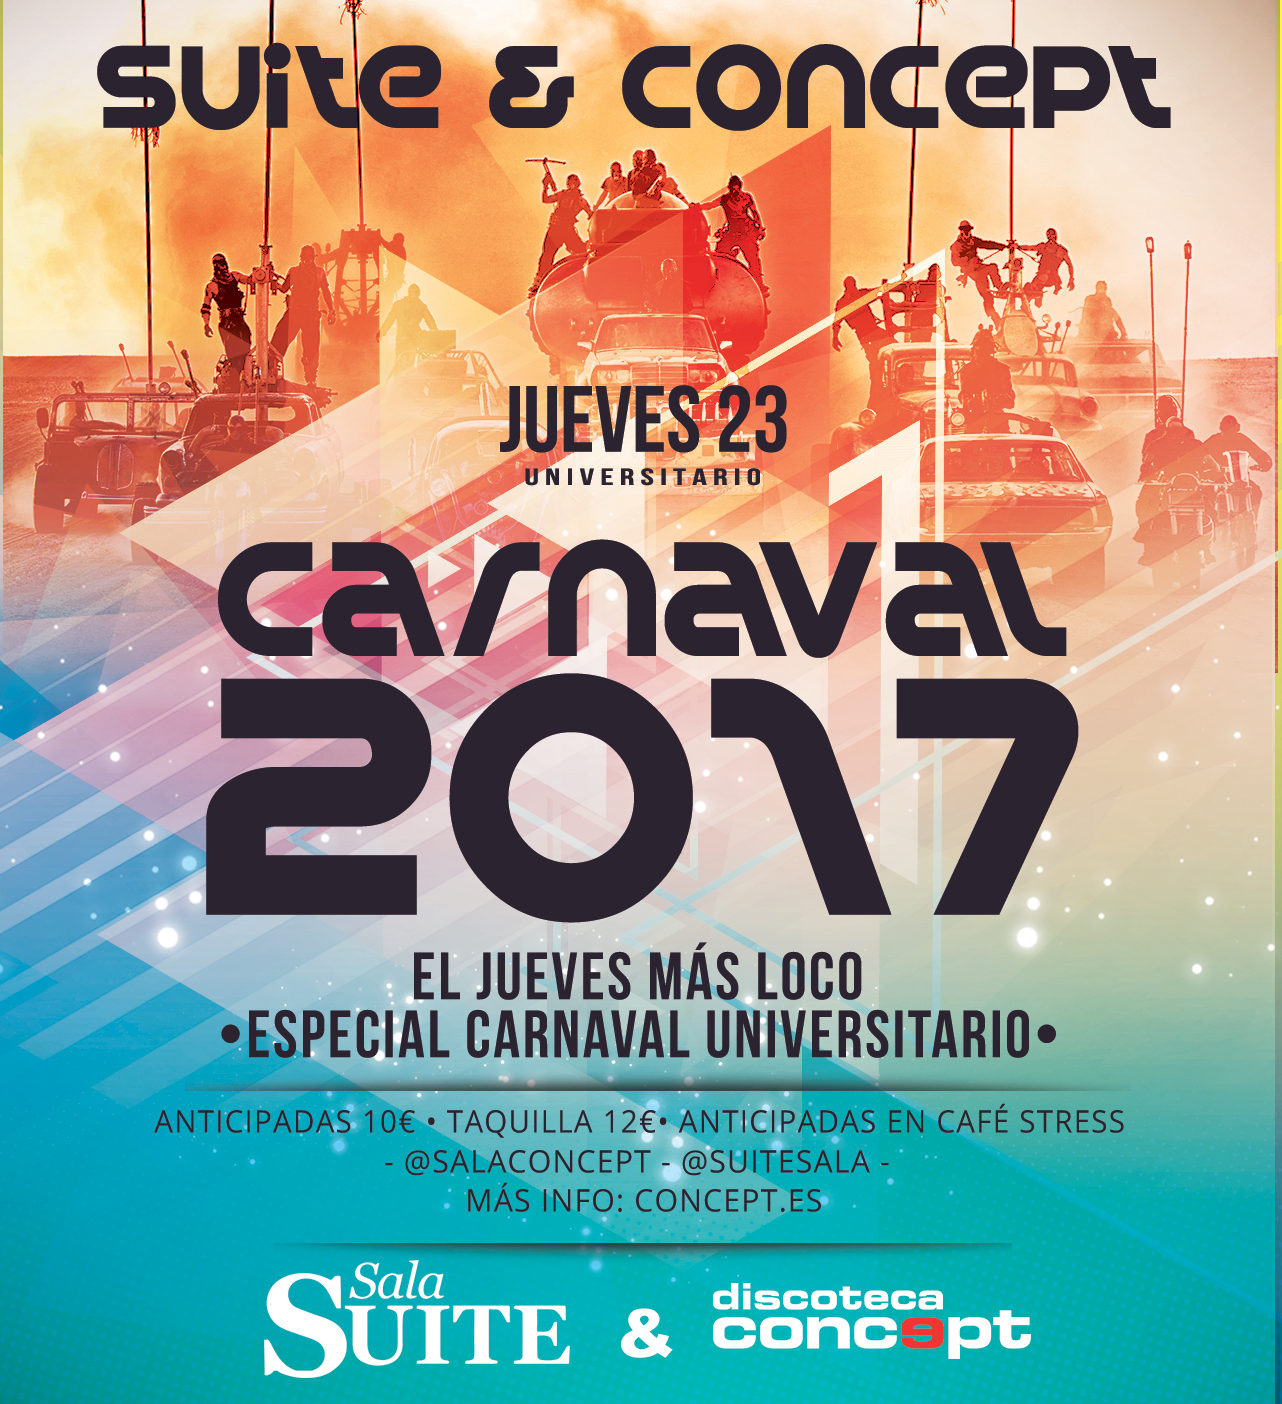 Carnaval Universitario Flyer